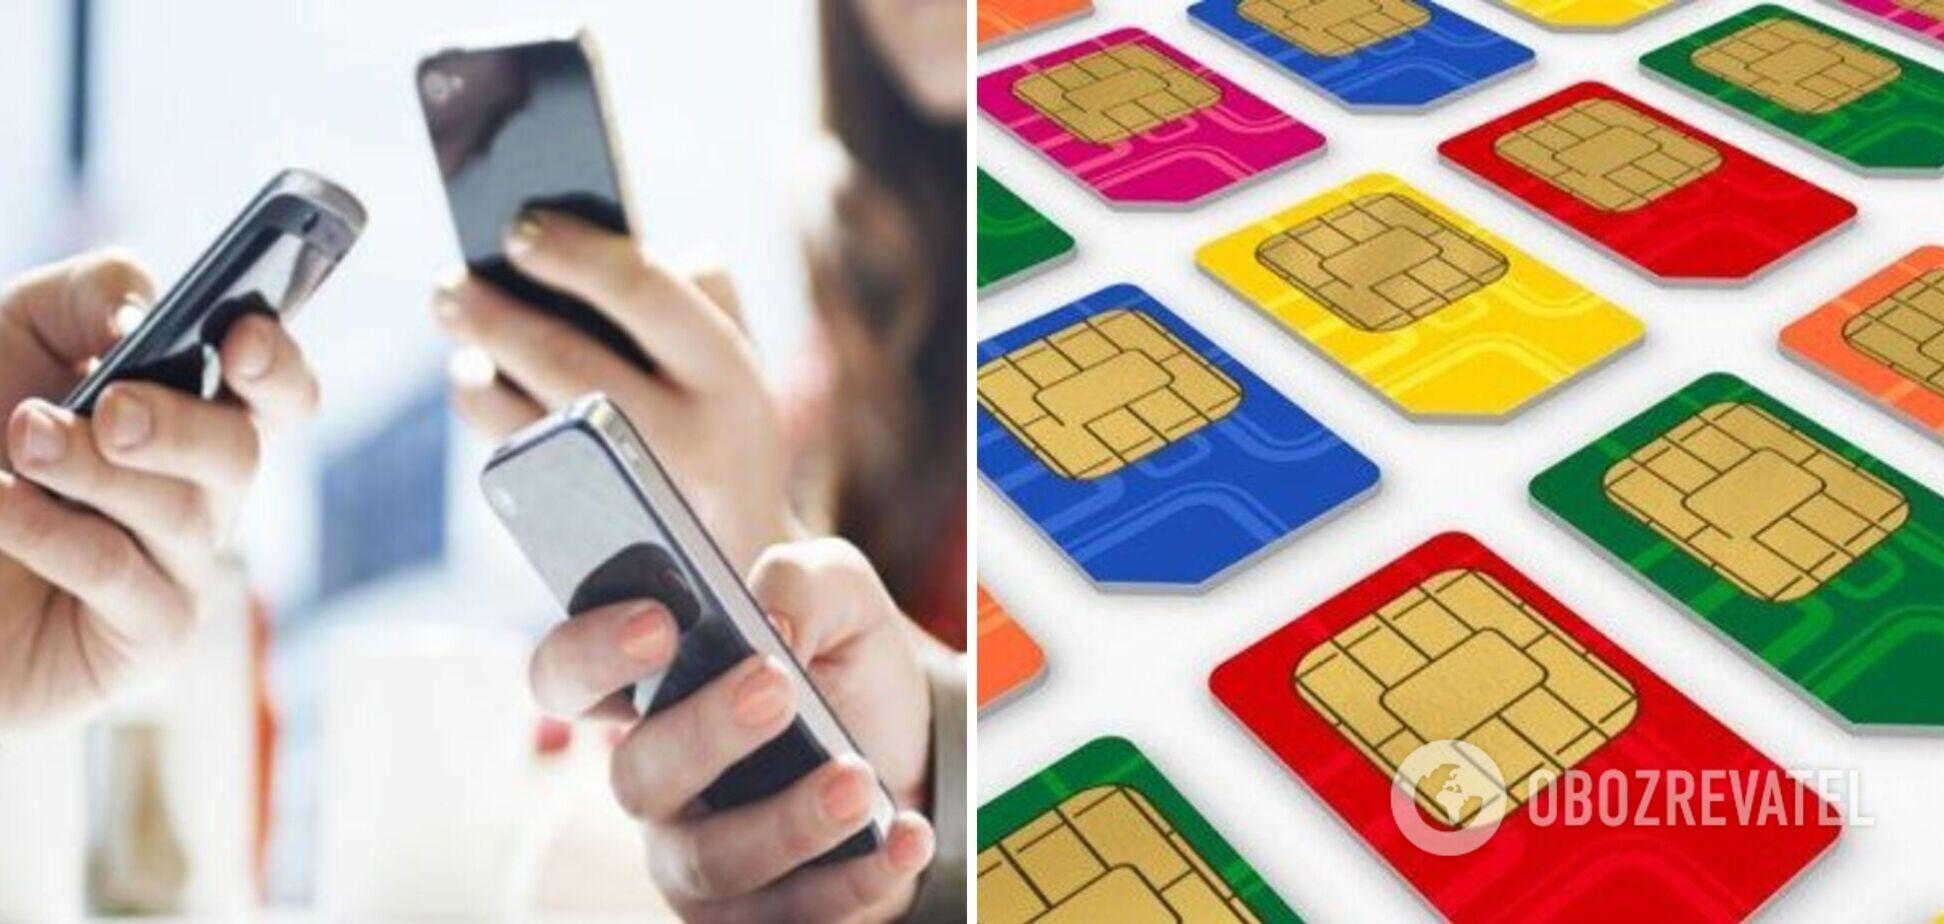 Многострадальный перенос мобильного номера: кто хочет отменить удобную процедуру